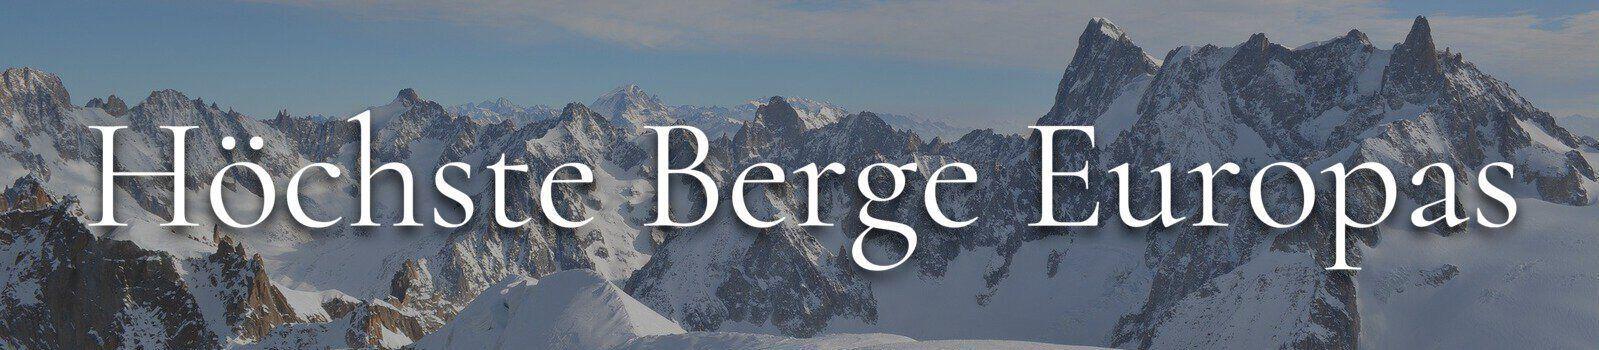 Banner höchste Berge Europas